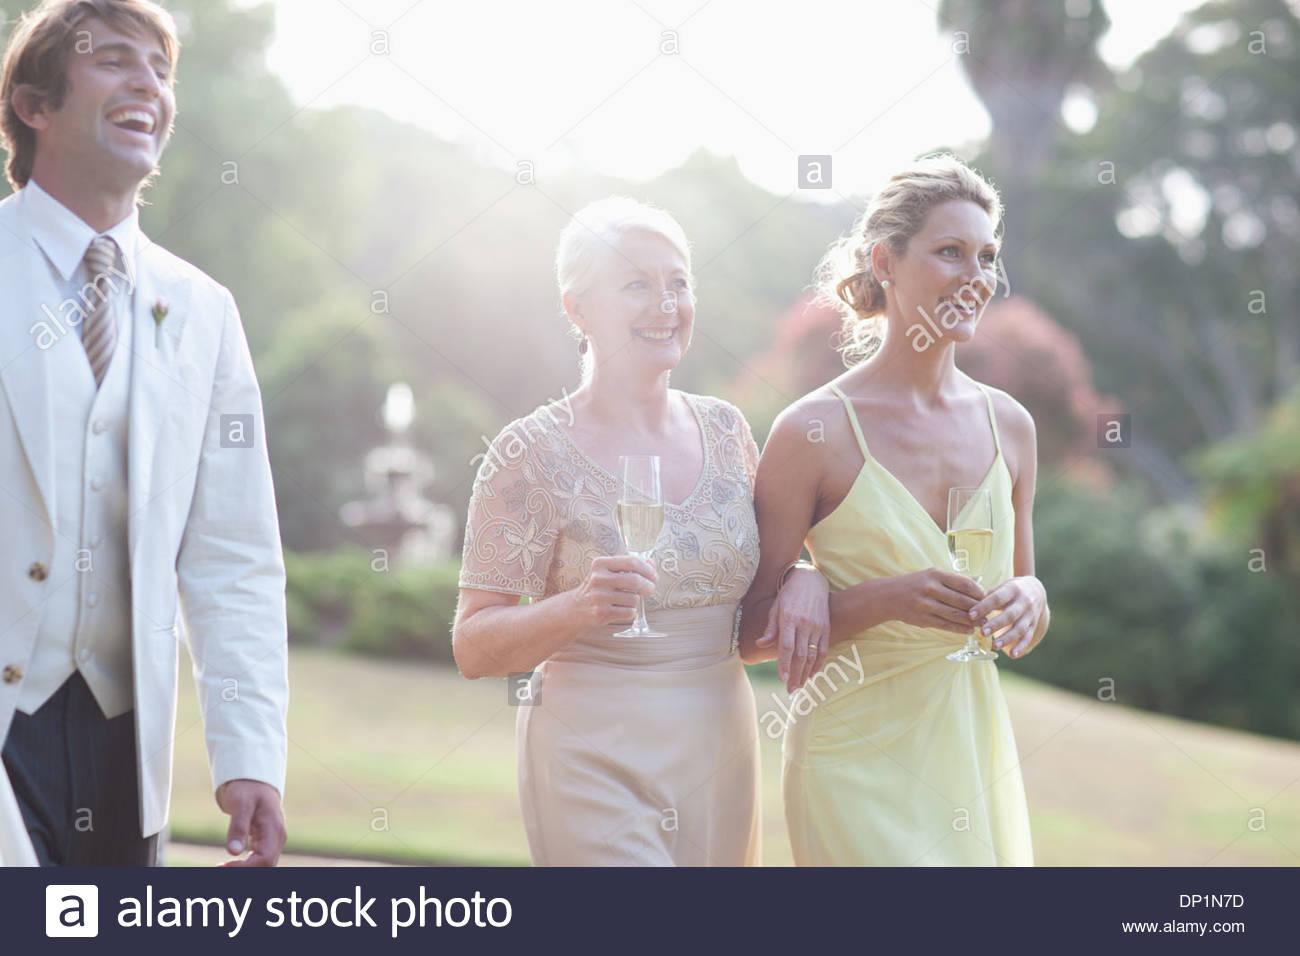 Los invitados a la boda caminando a través de césped Imagen De Stock